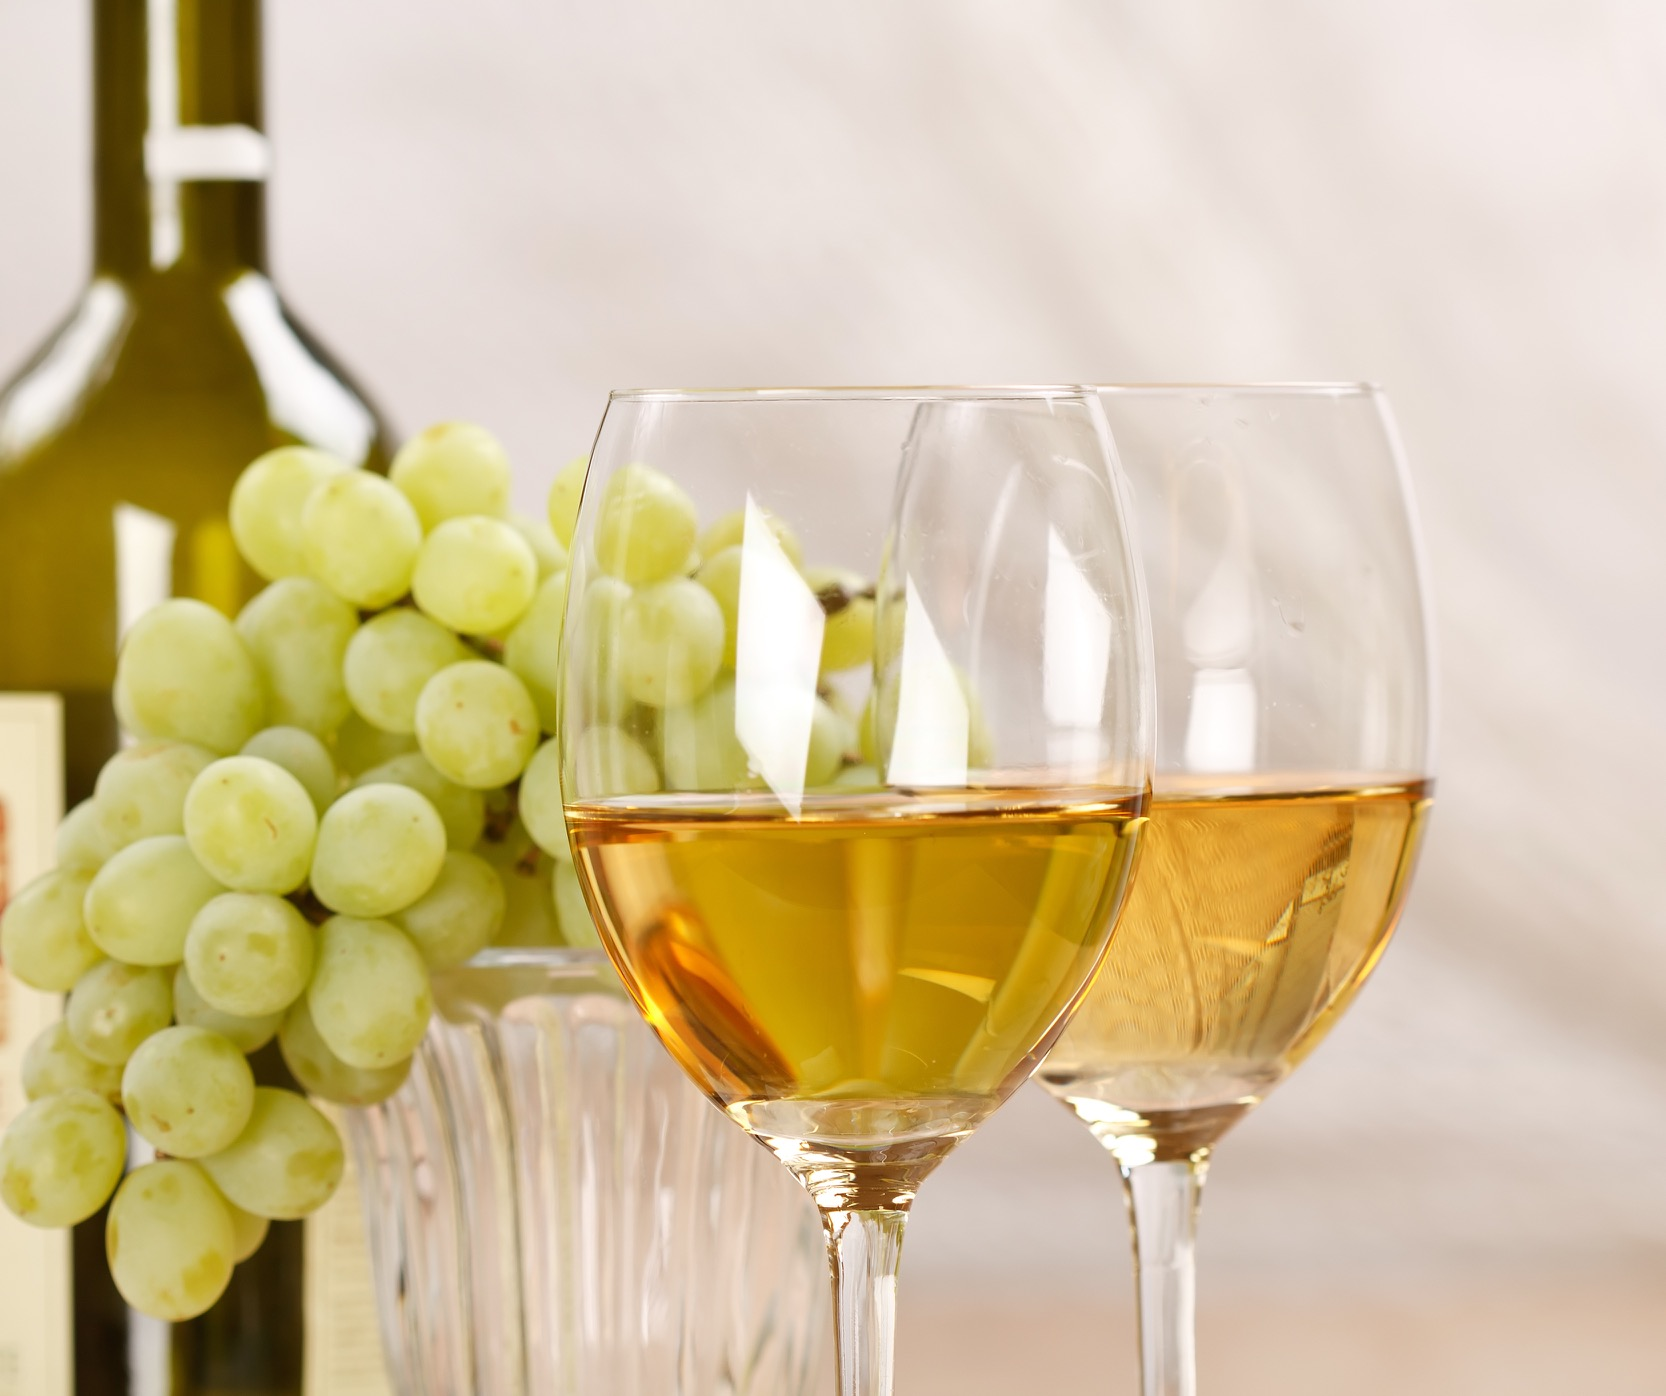 シャルドネを使ったワインの魅力を徹底解説